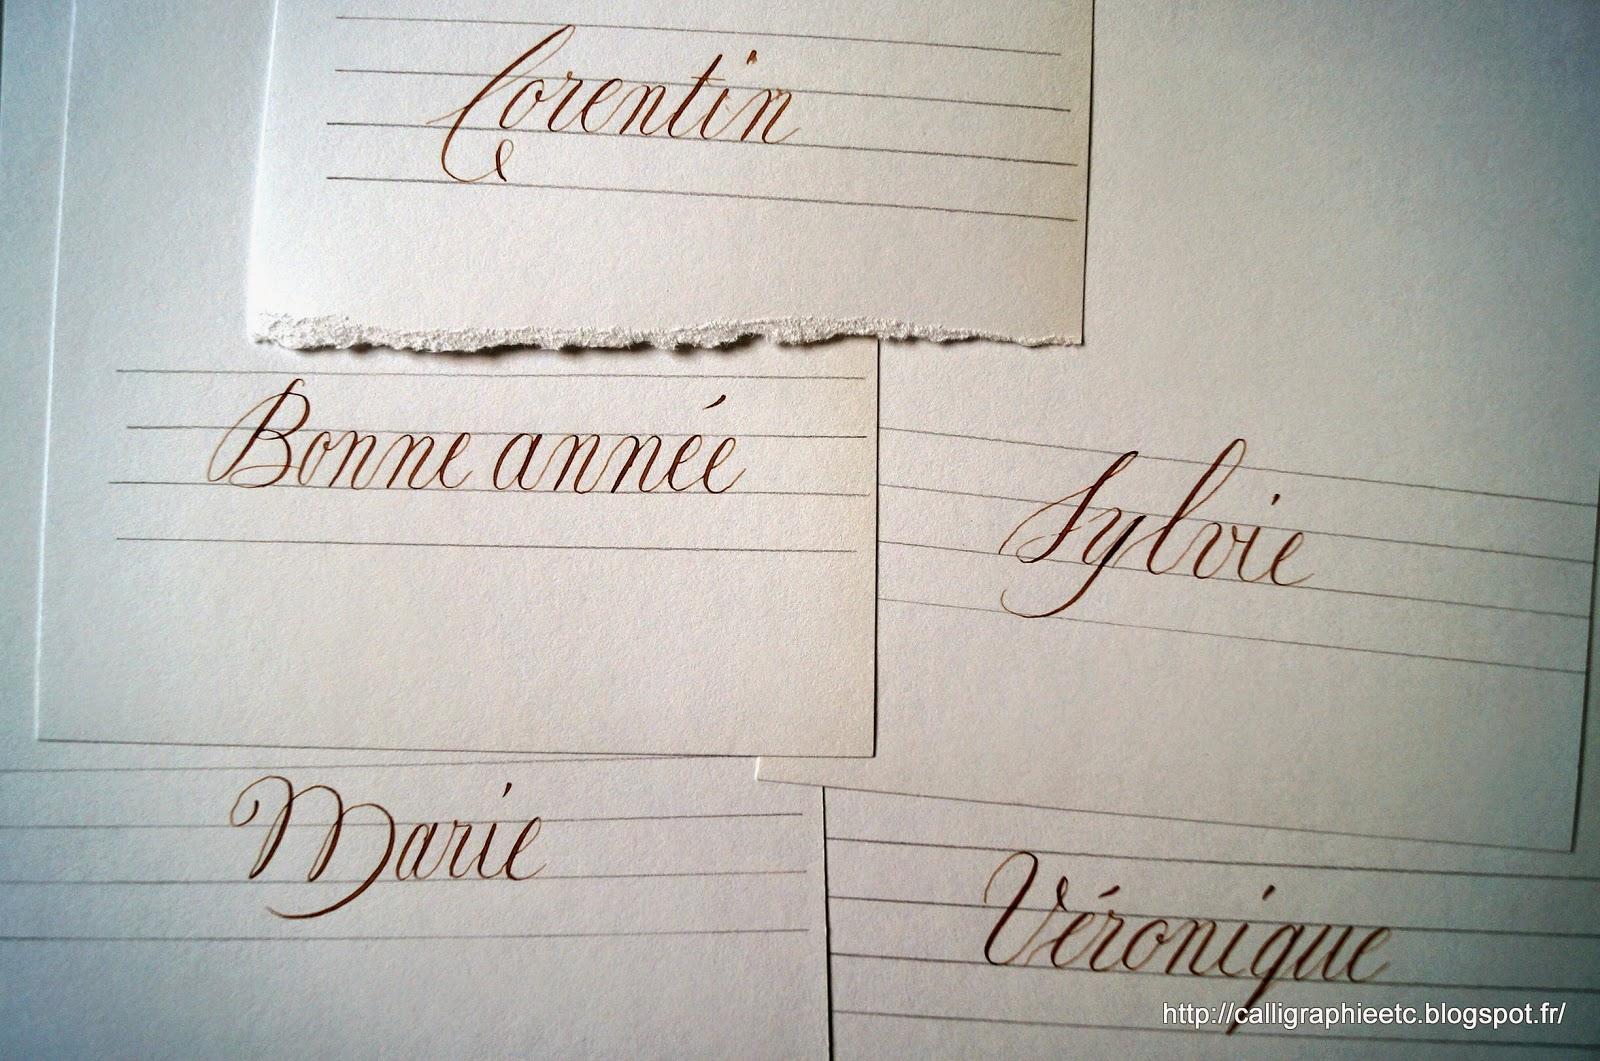 Calligraphie Tatouage Prénom - Script > Calligraphie dafont